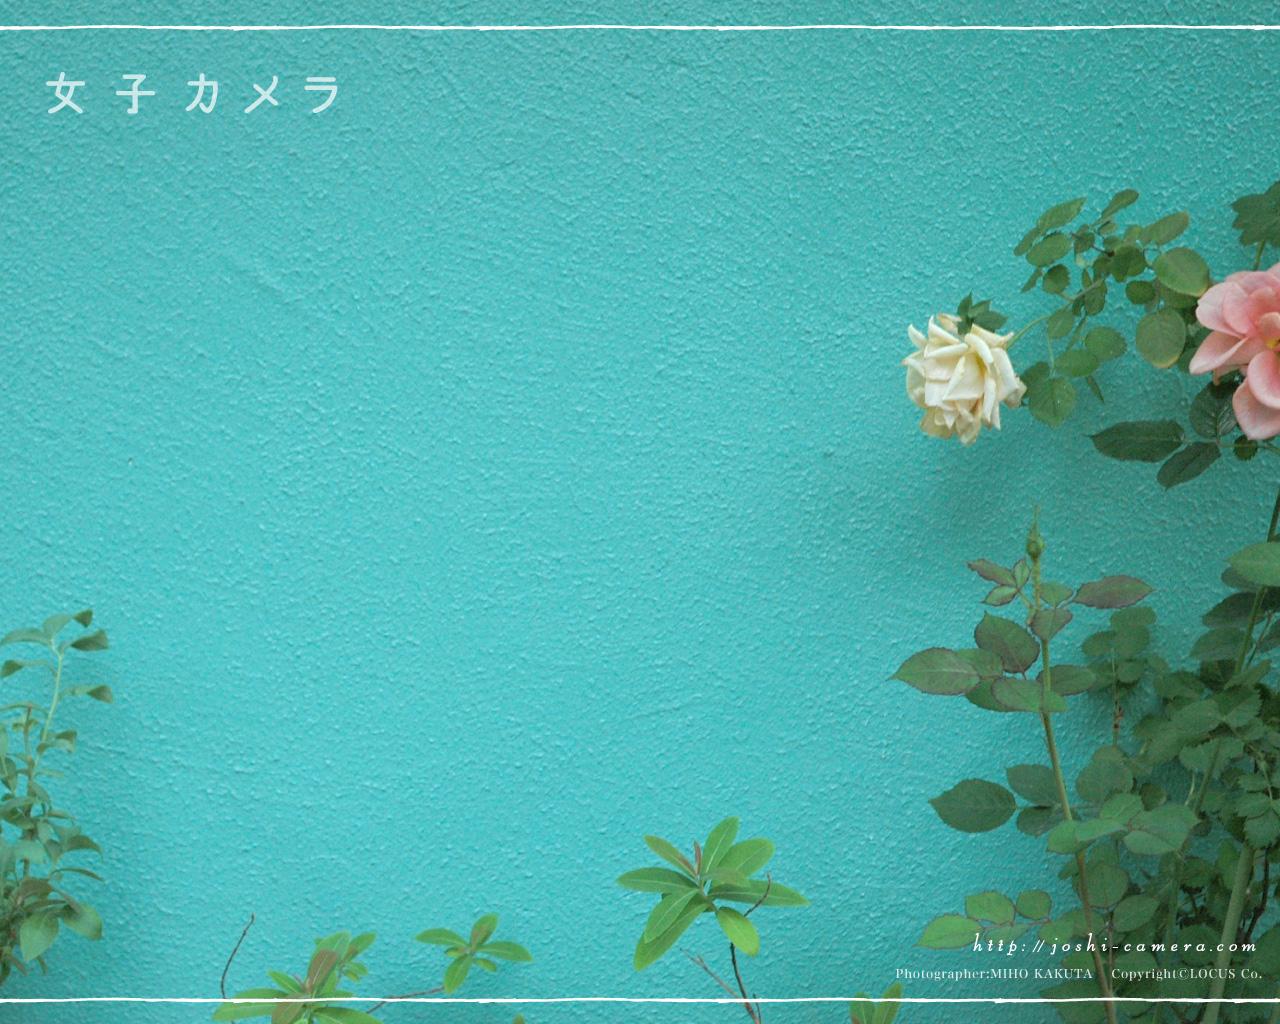 おしゃれな花の壁紙 Ramica